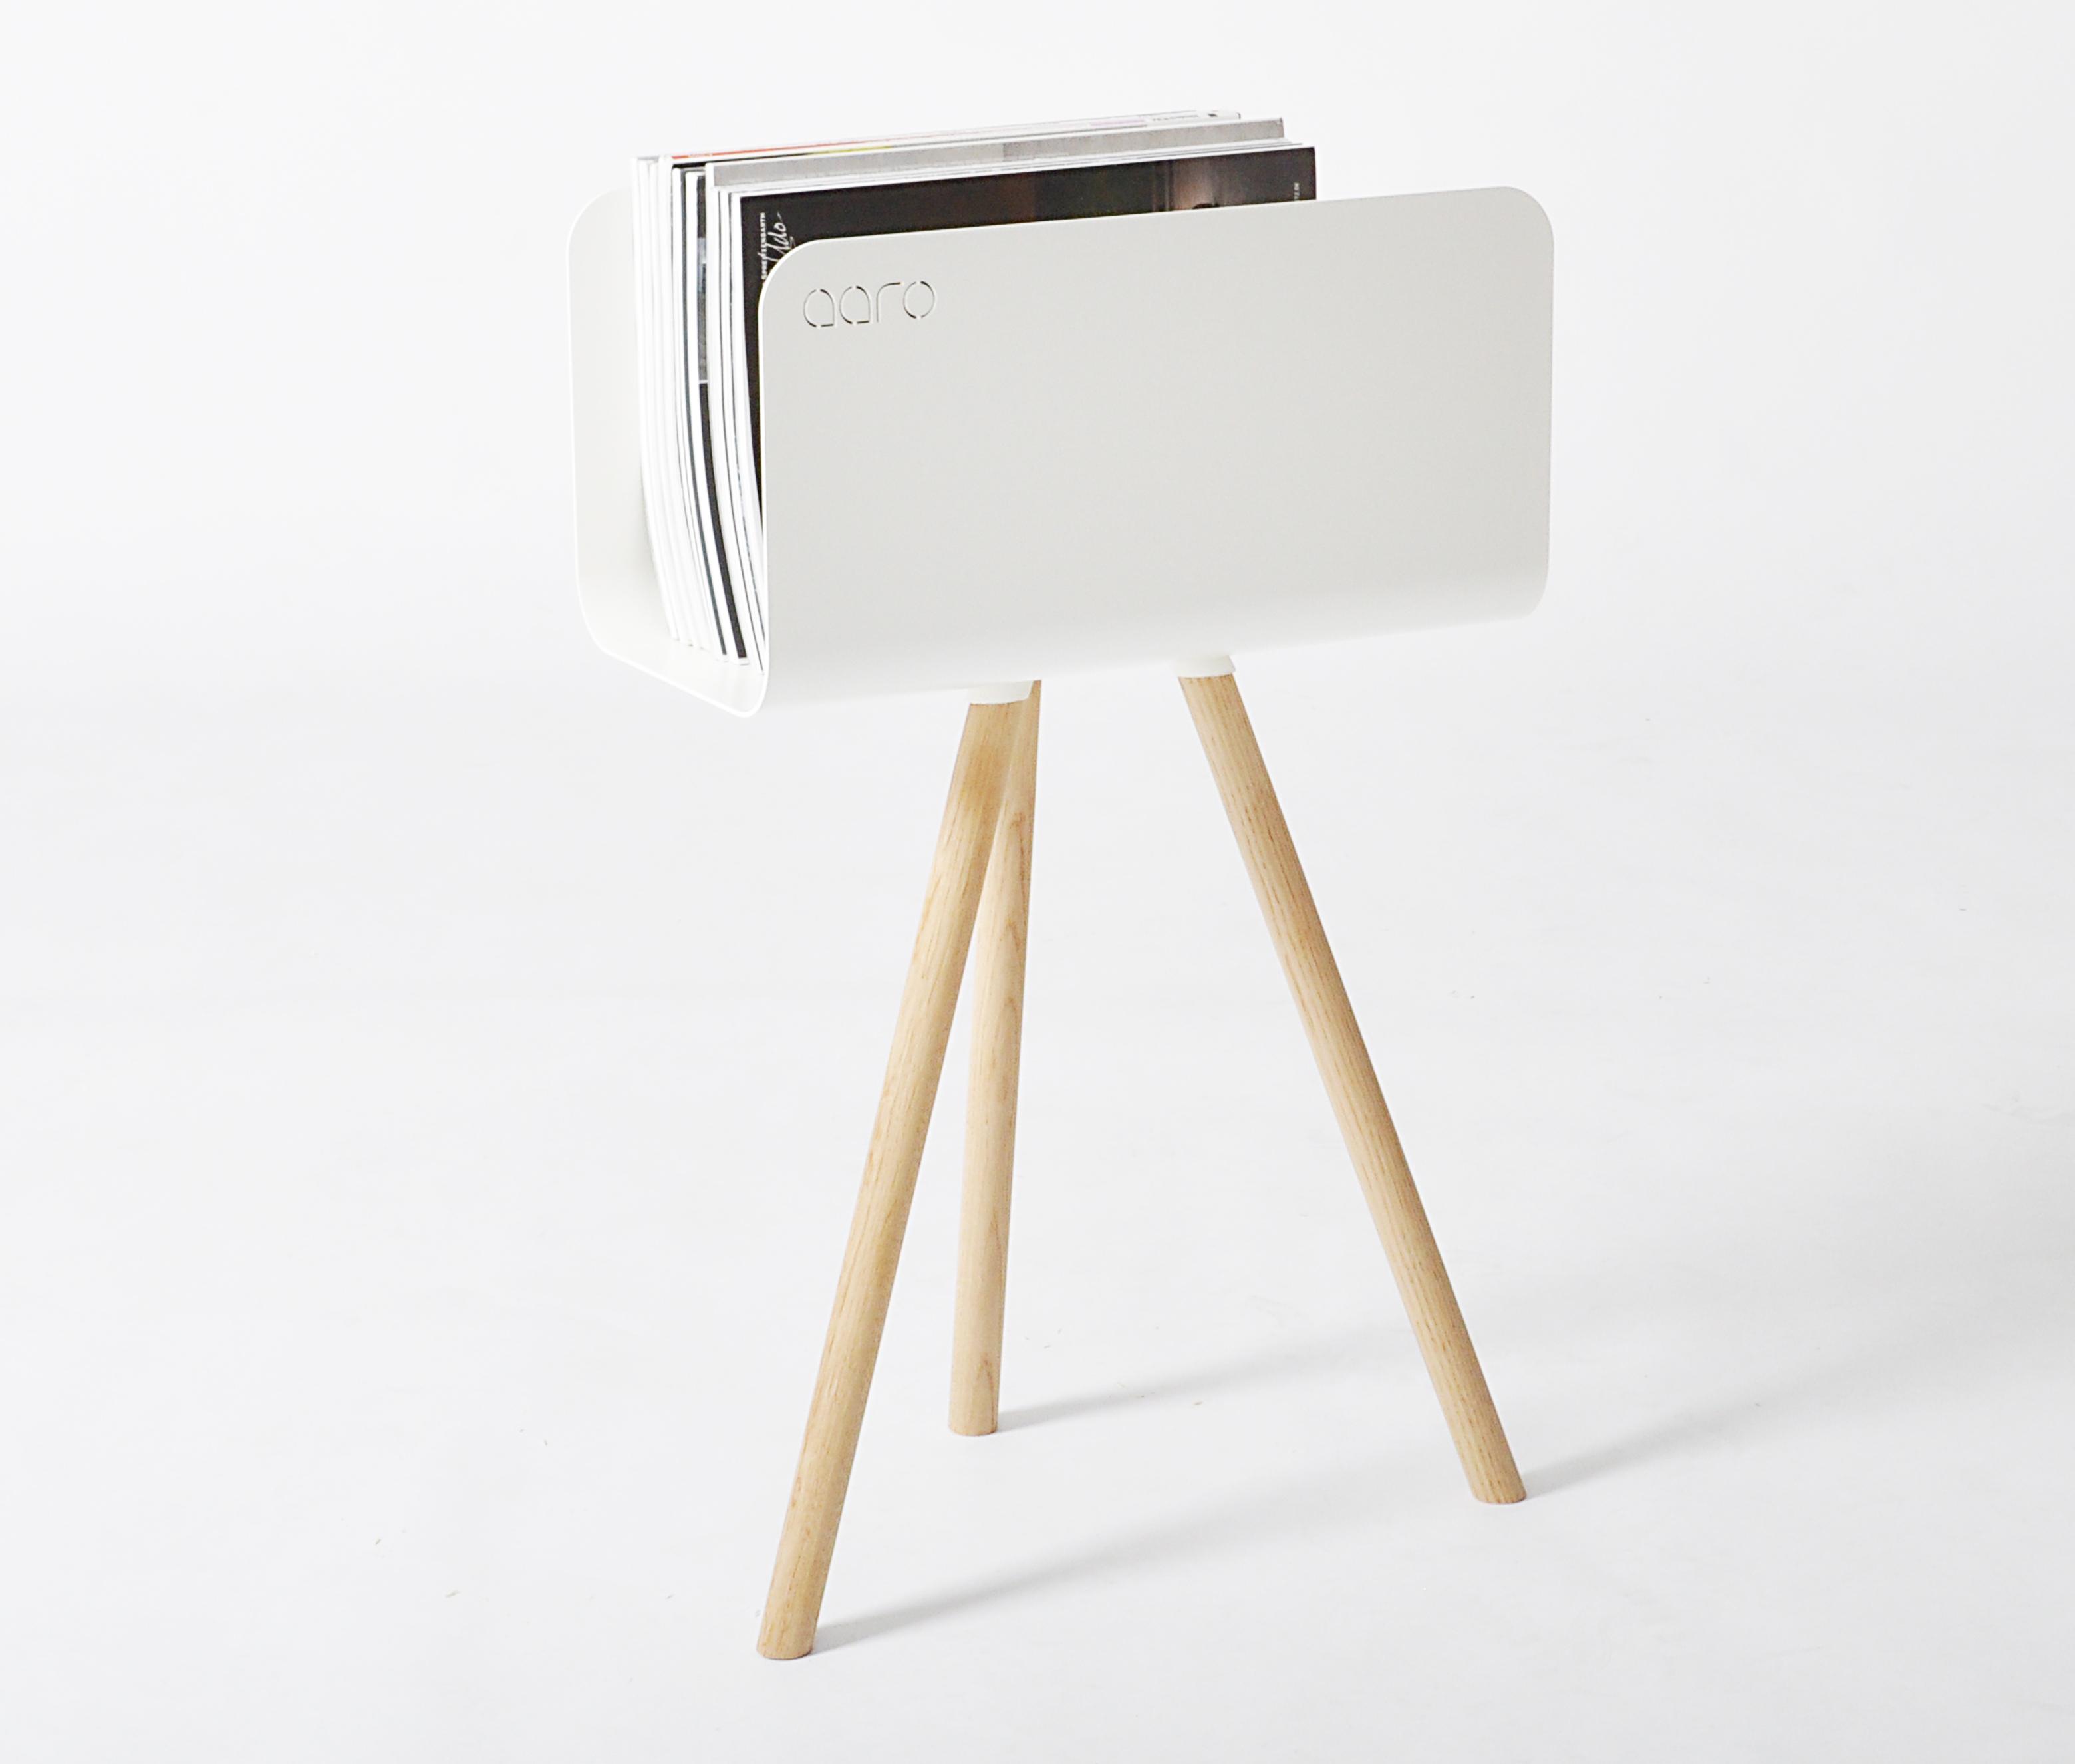 beh lter f r kaminholz tri mit bein weiss esche storage furniture tri with leg white. Black Bedroom Furniture Sets. Home Design Ideas